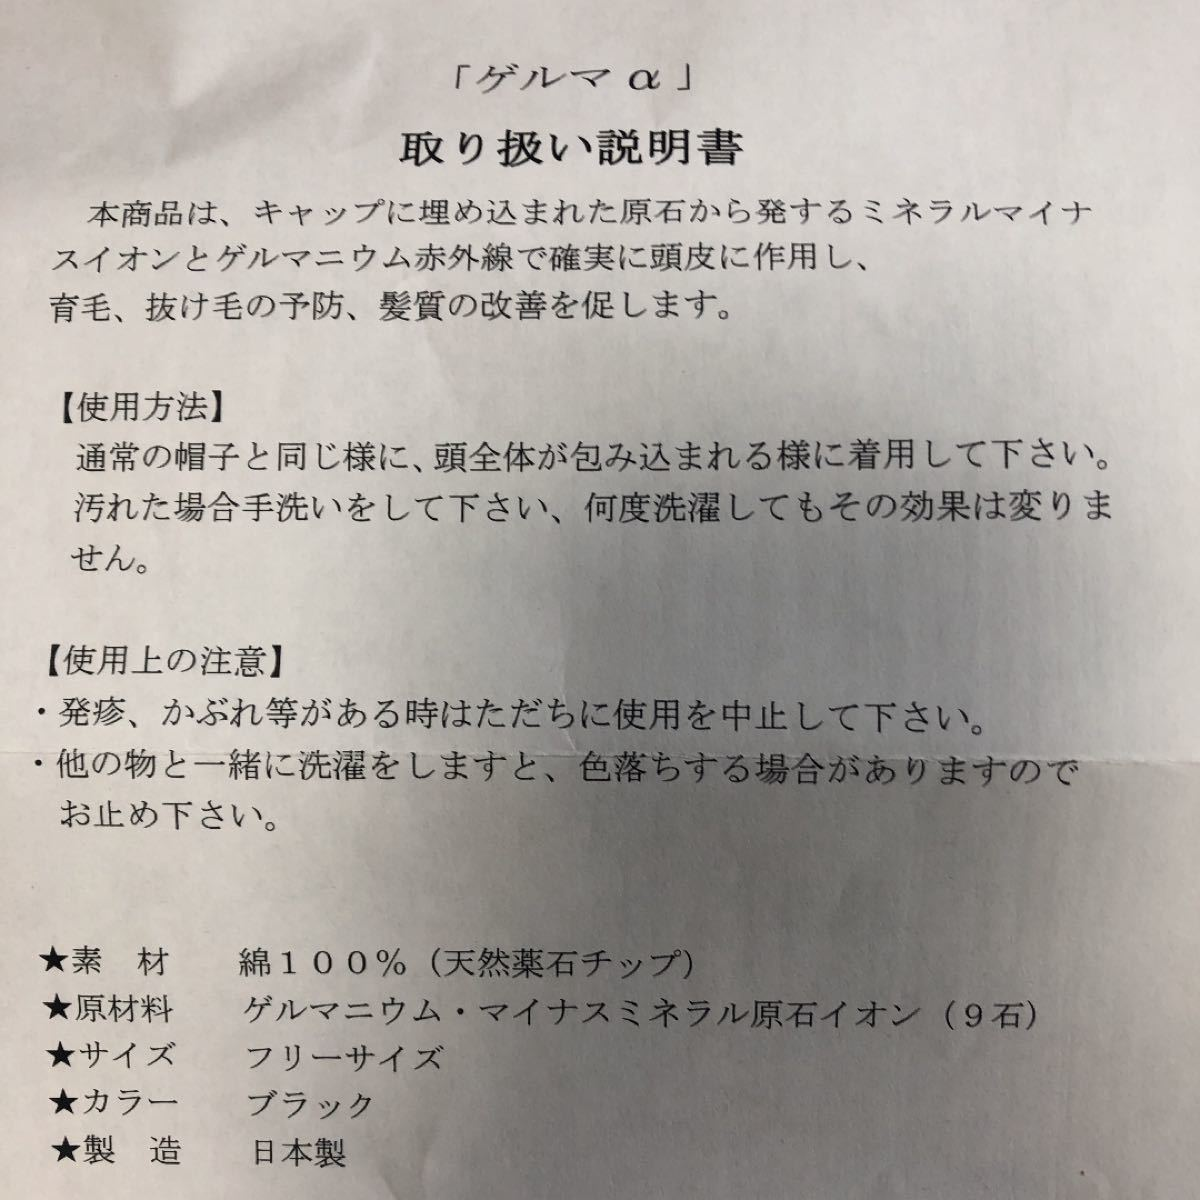 新品 ゲルマα 抜け毛予防 キャップ